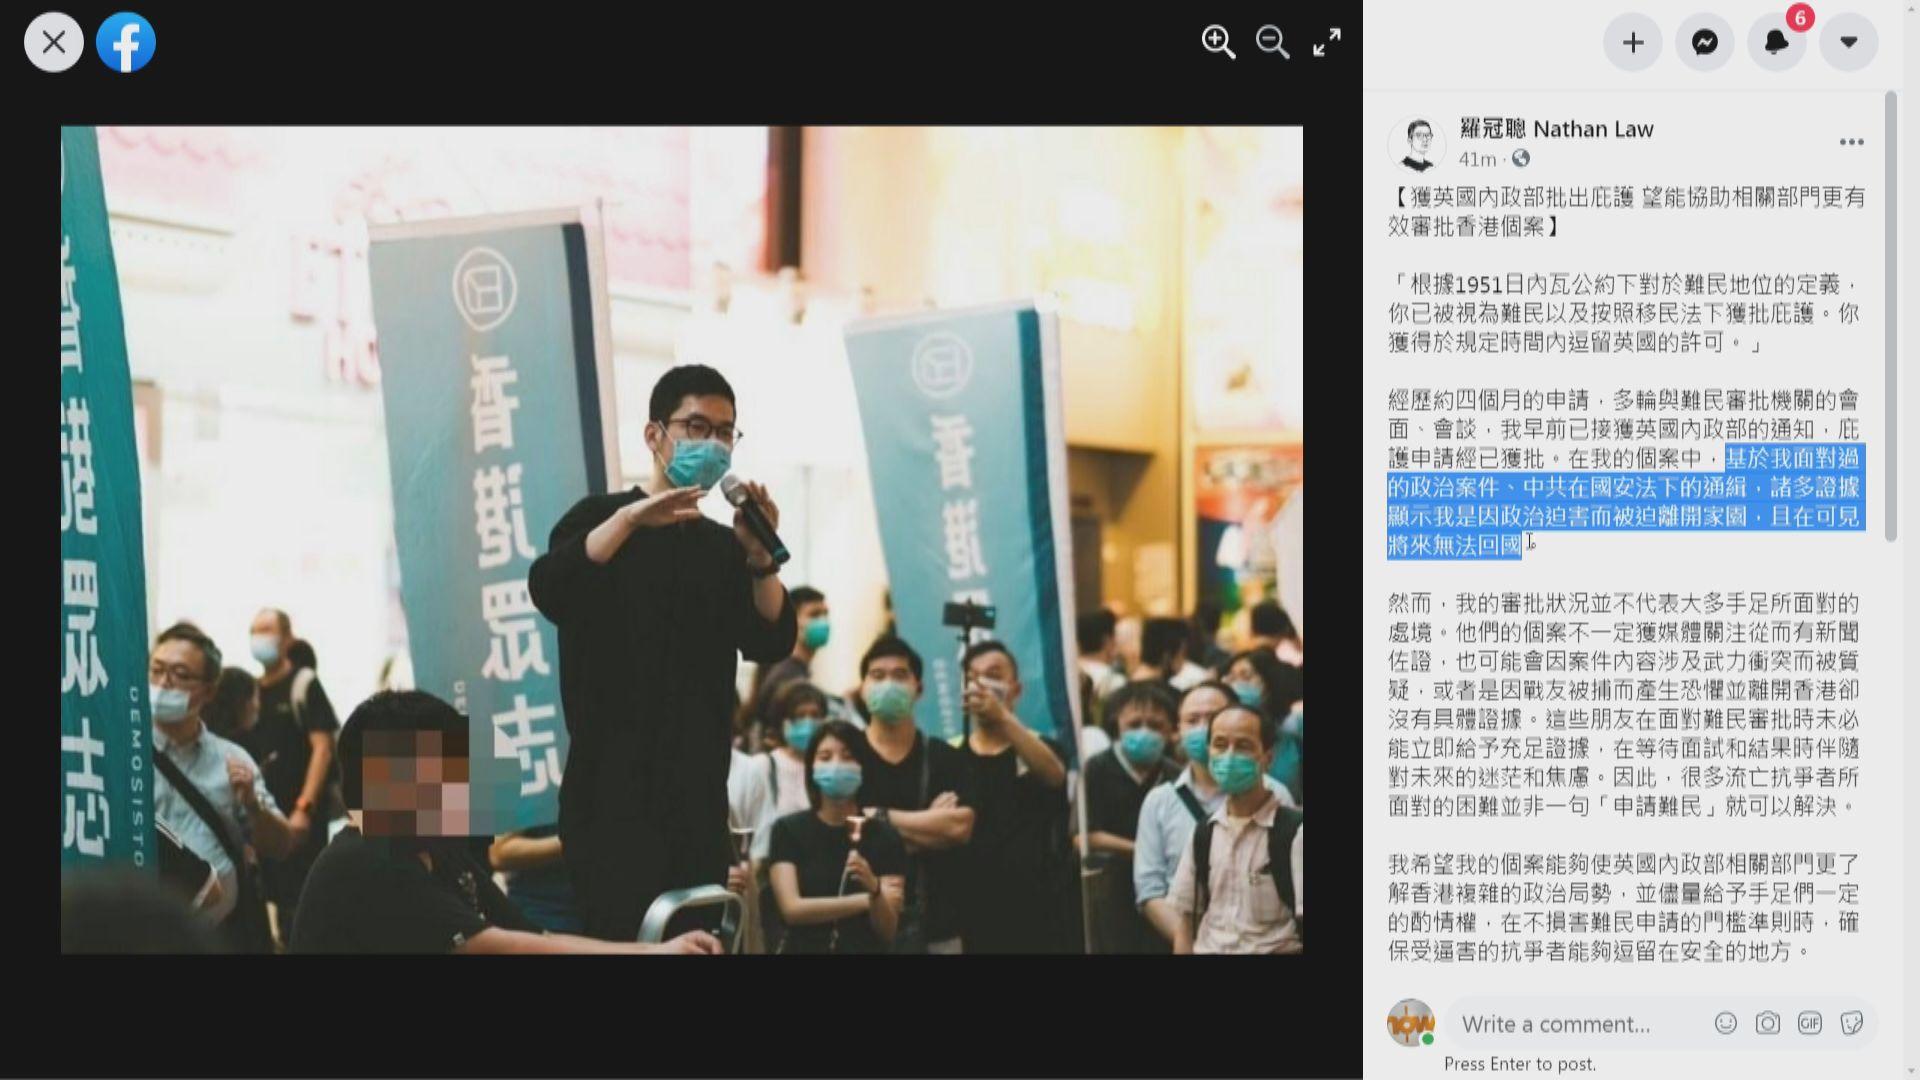 英國庇護羅冠聰 外交部批評粗暴干涉香港司法